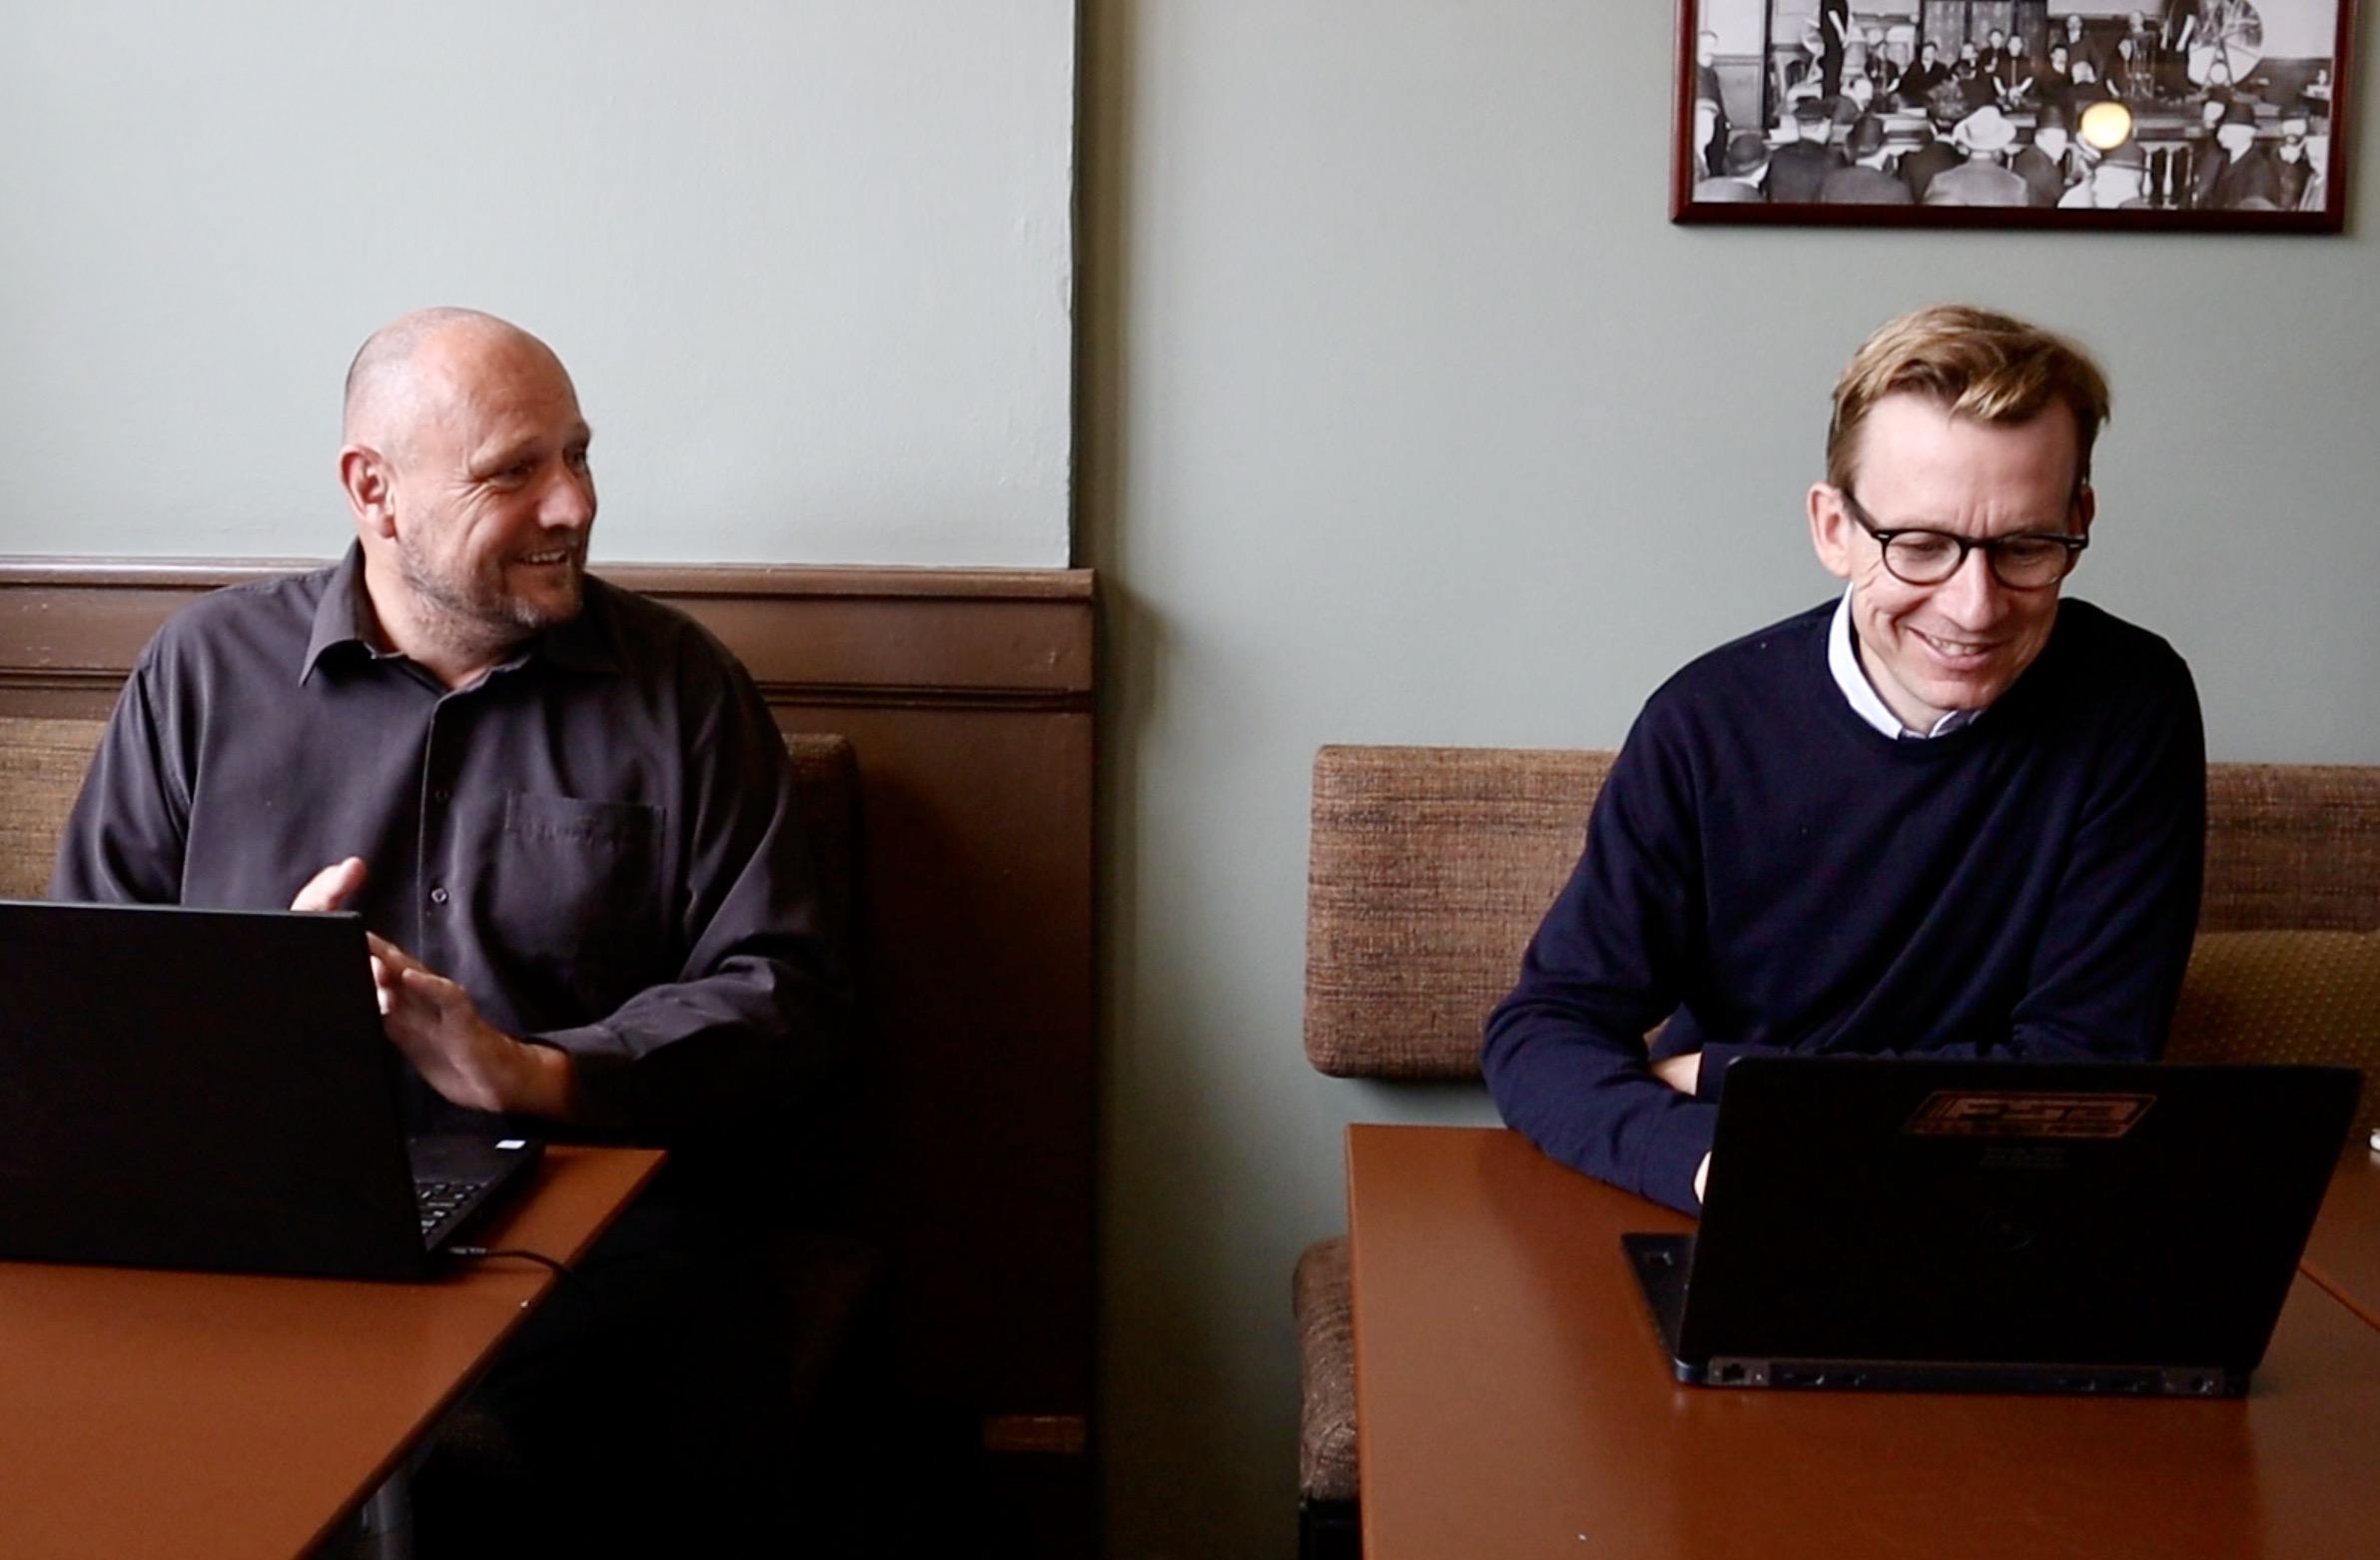 La Oficina - Københavns bedste kontorfællesskab - sidemandssparring